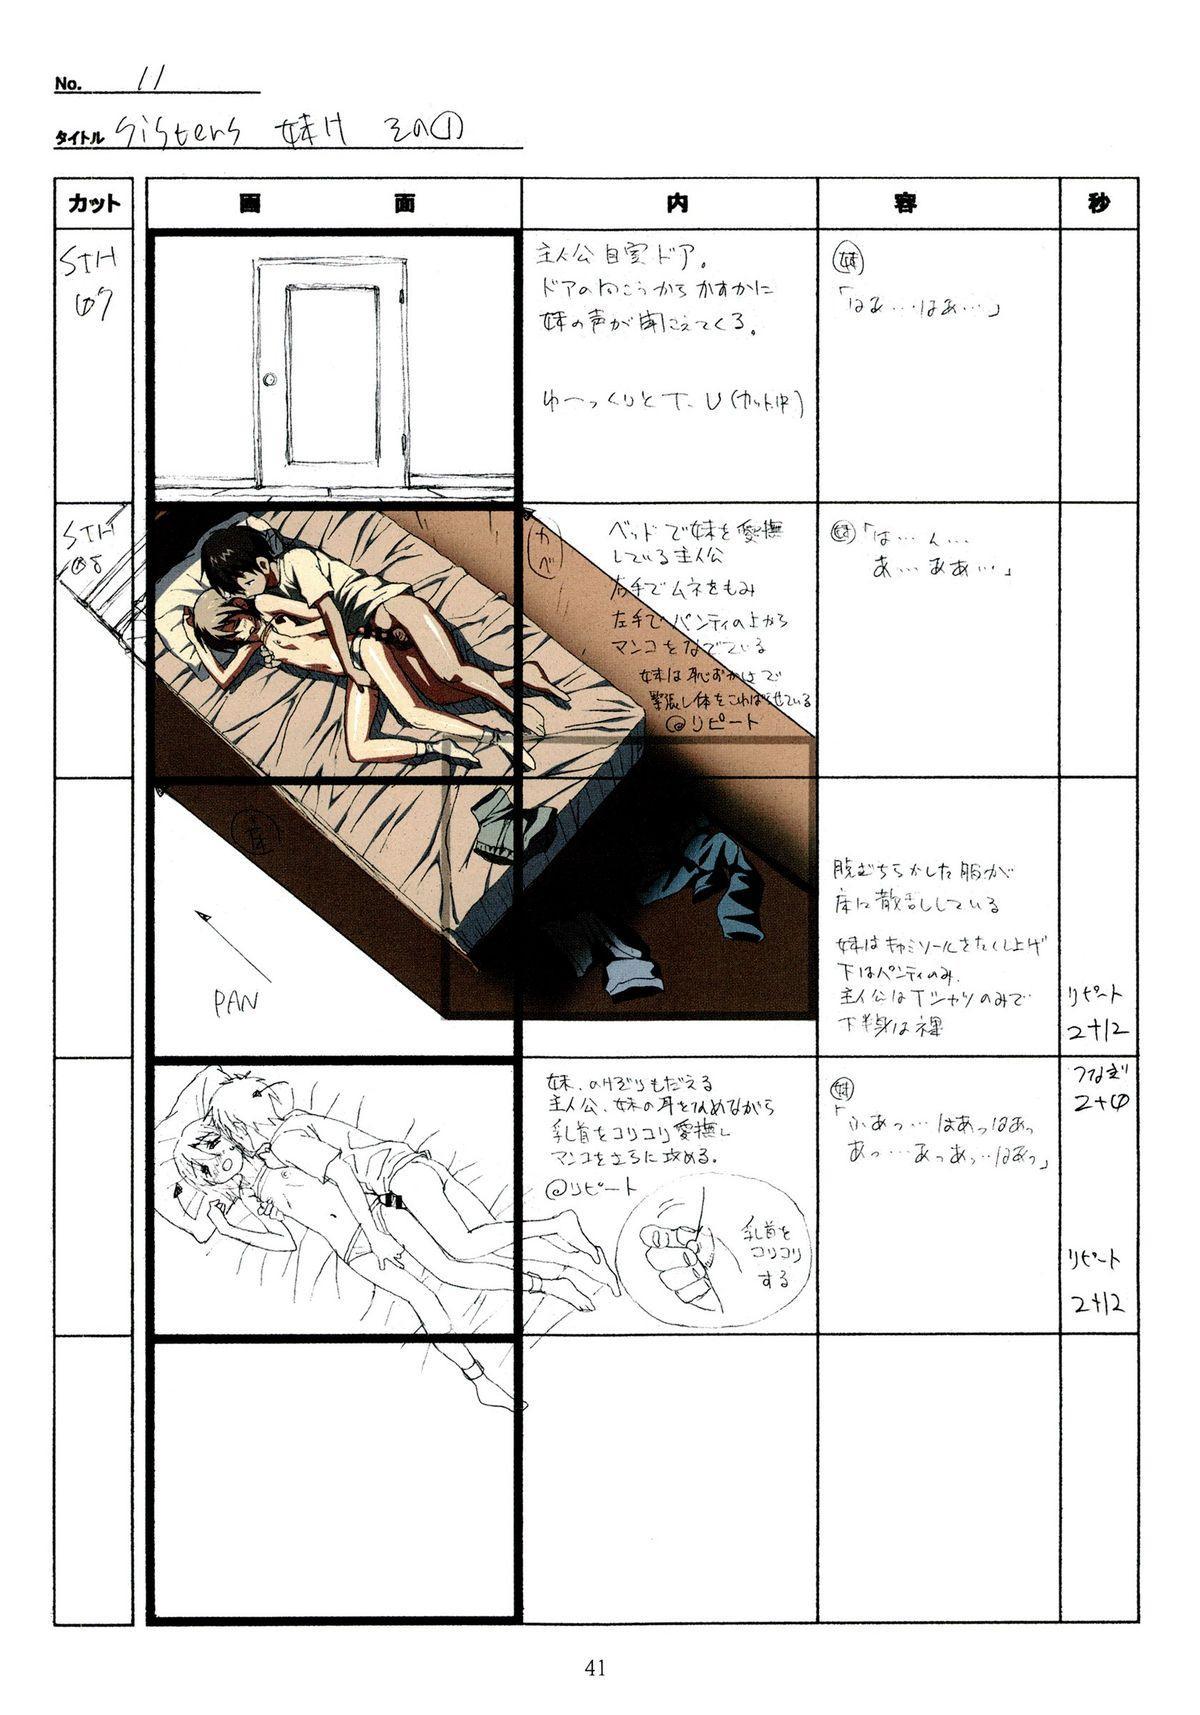 (C89) [Makino Jimusho (Taki Minashika)] SISTERS -Natsu no Saigo no Hi- H Scene All Part Storyboard (SISTERS -Natsu no Saigo no Hi-) 40